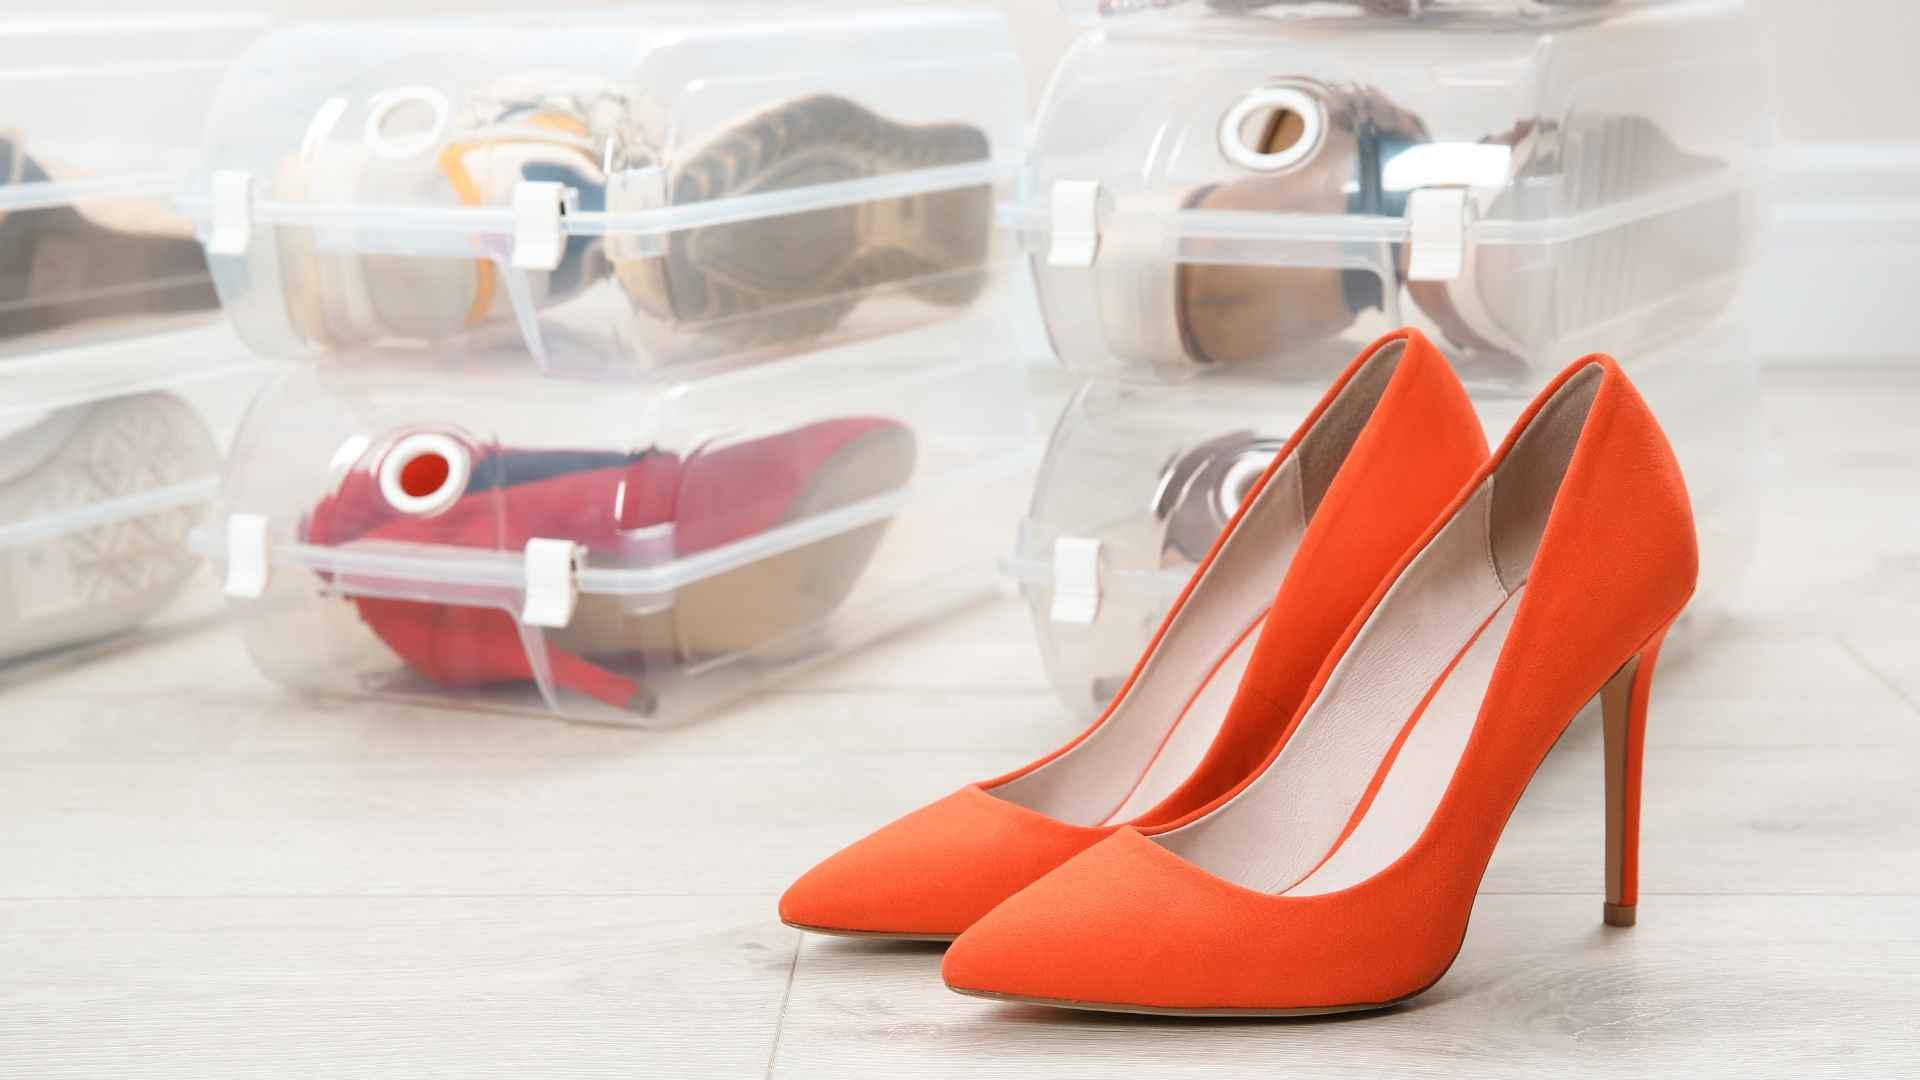 caixas organizadoras para sapatos